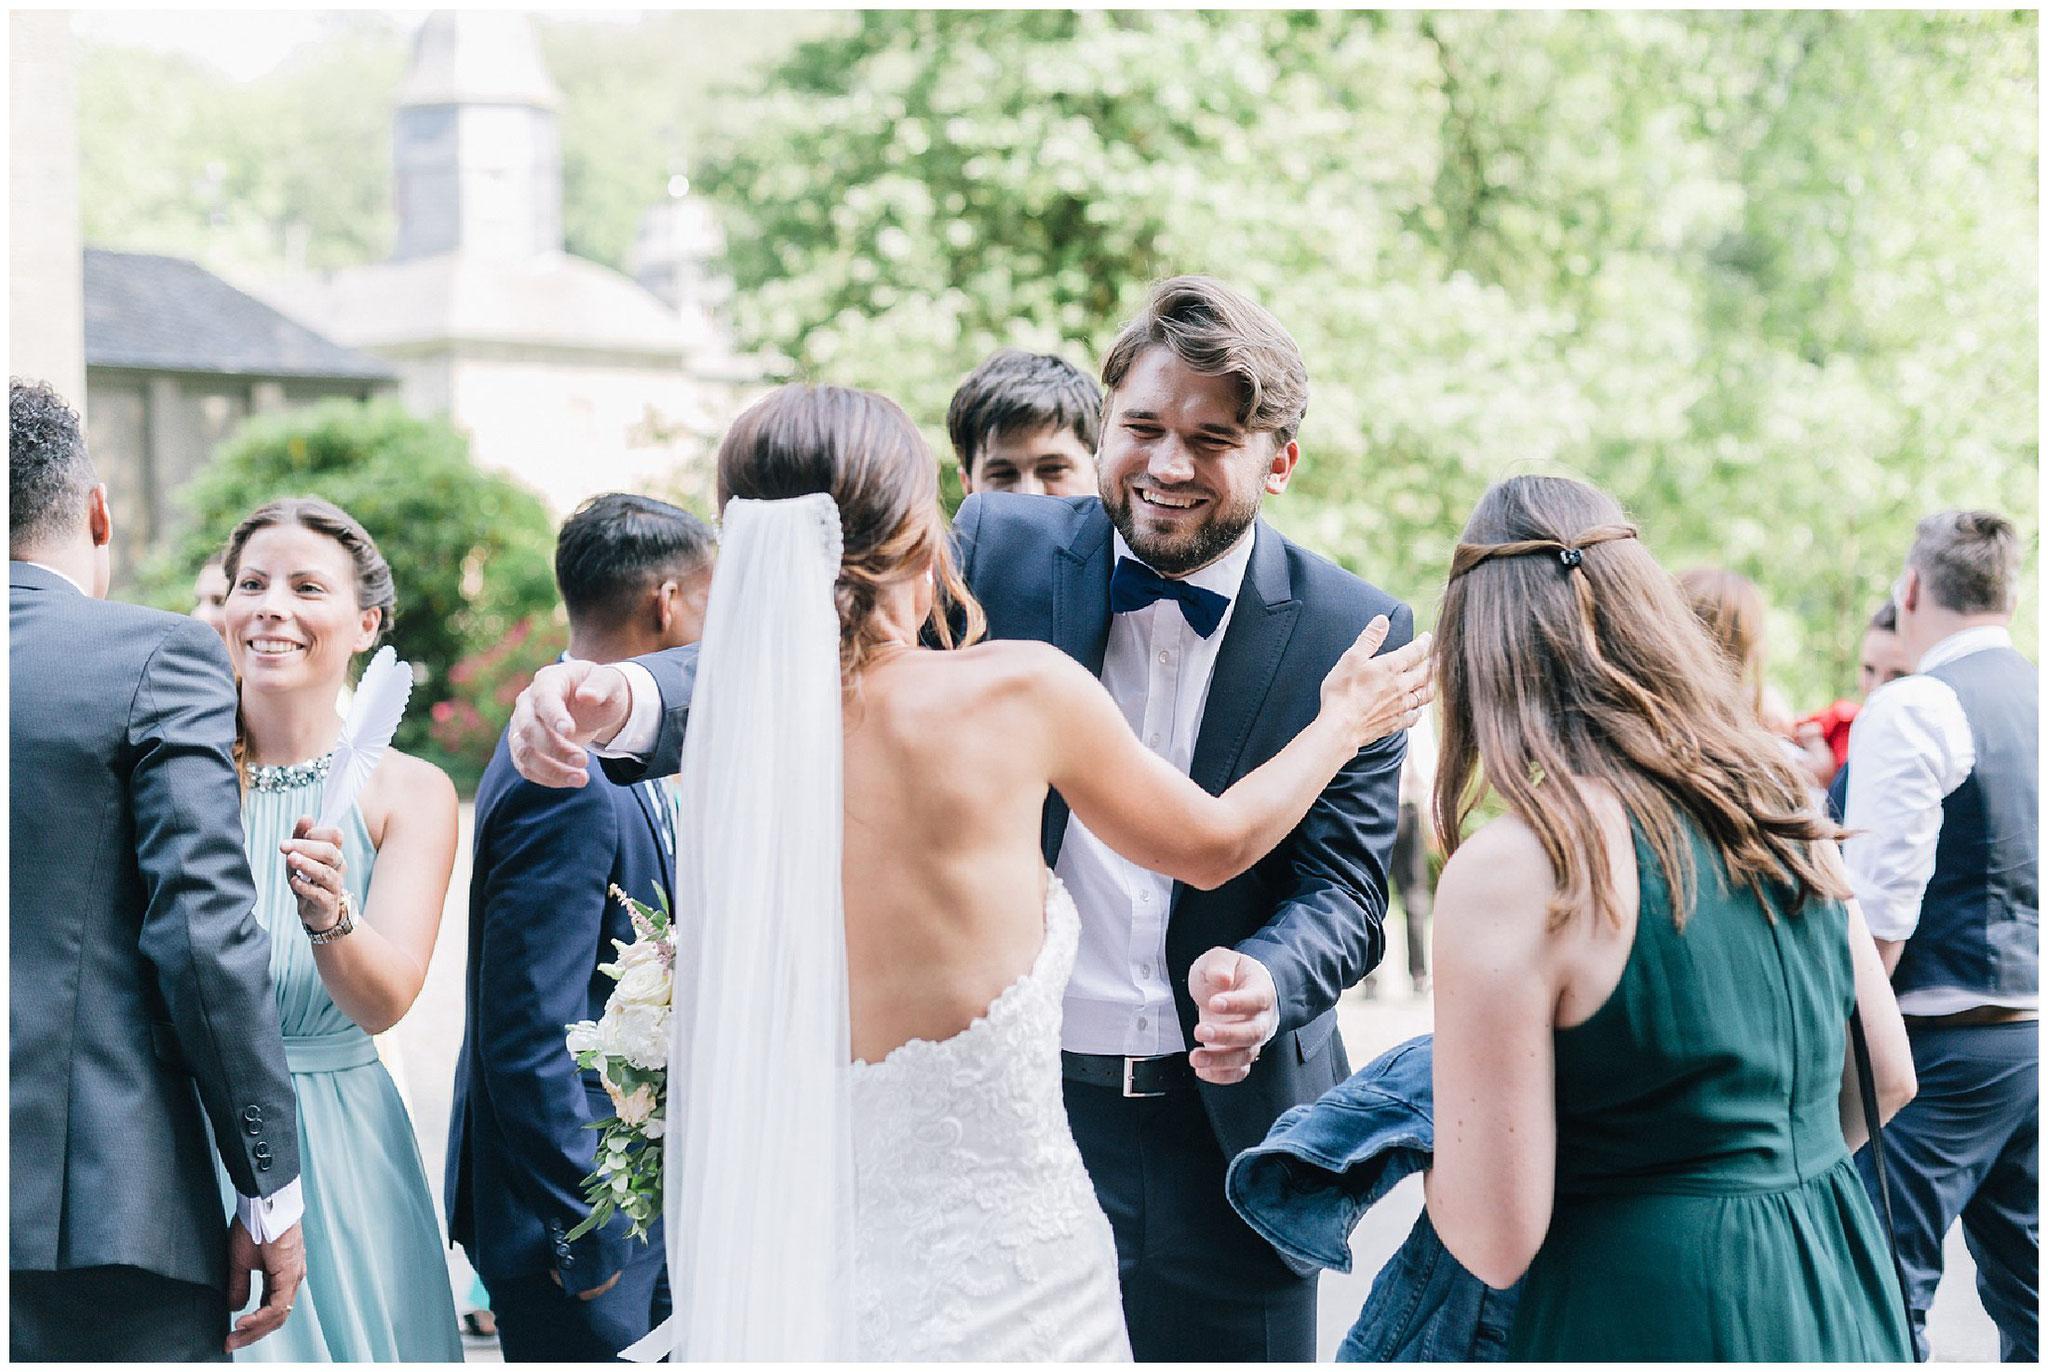 gäste gratulieren dem Brautpaar hochzeitsfotograf Engelskirchen industrial chic hochzeit fine art wedding Galerie Hammerwerk jane weber